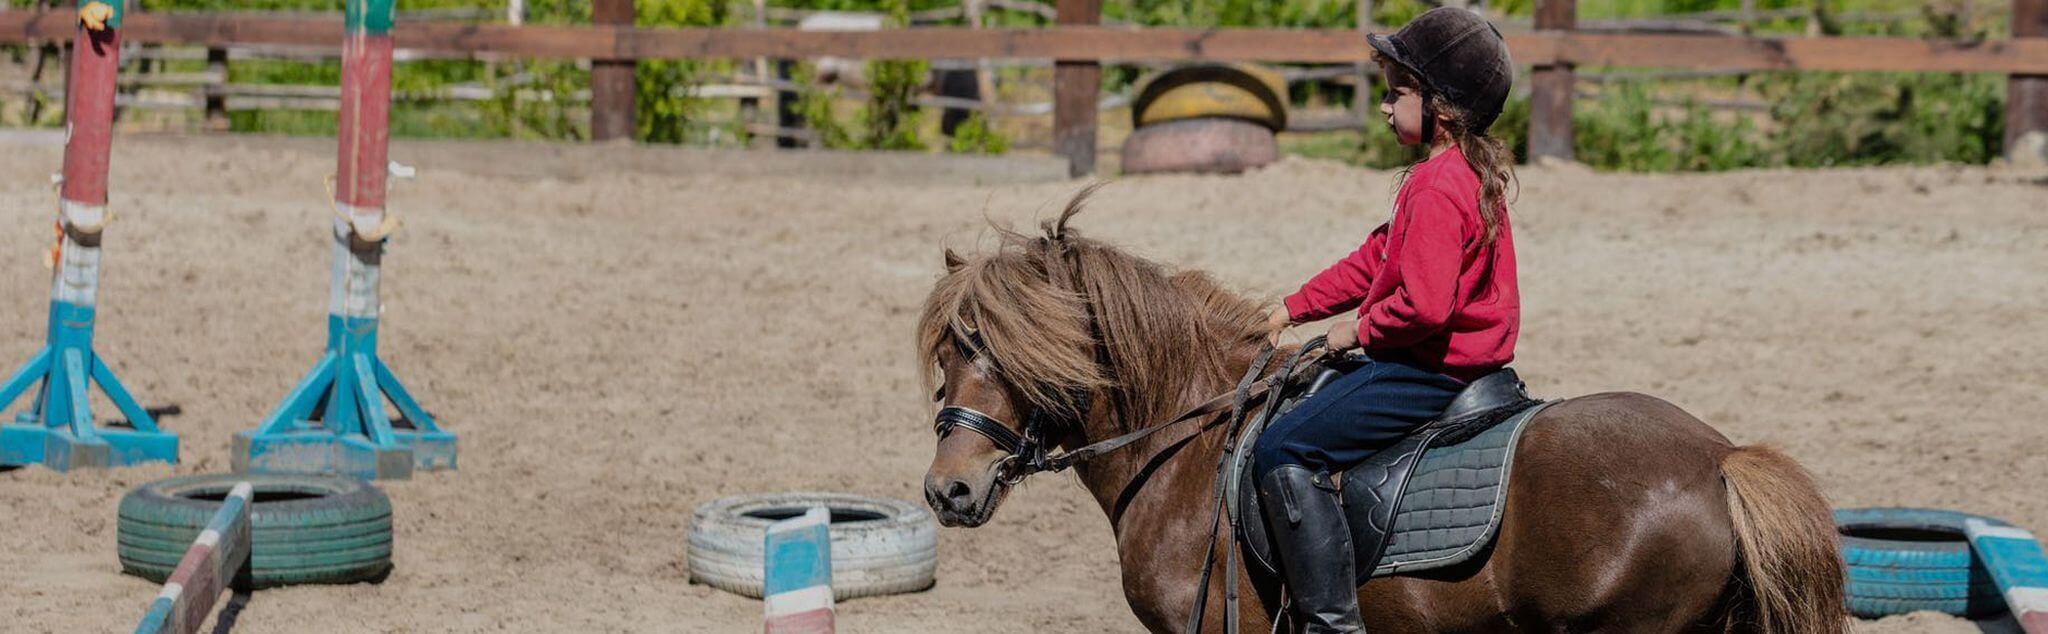 Lezioni di Equitazione a Lucca